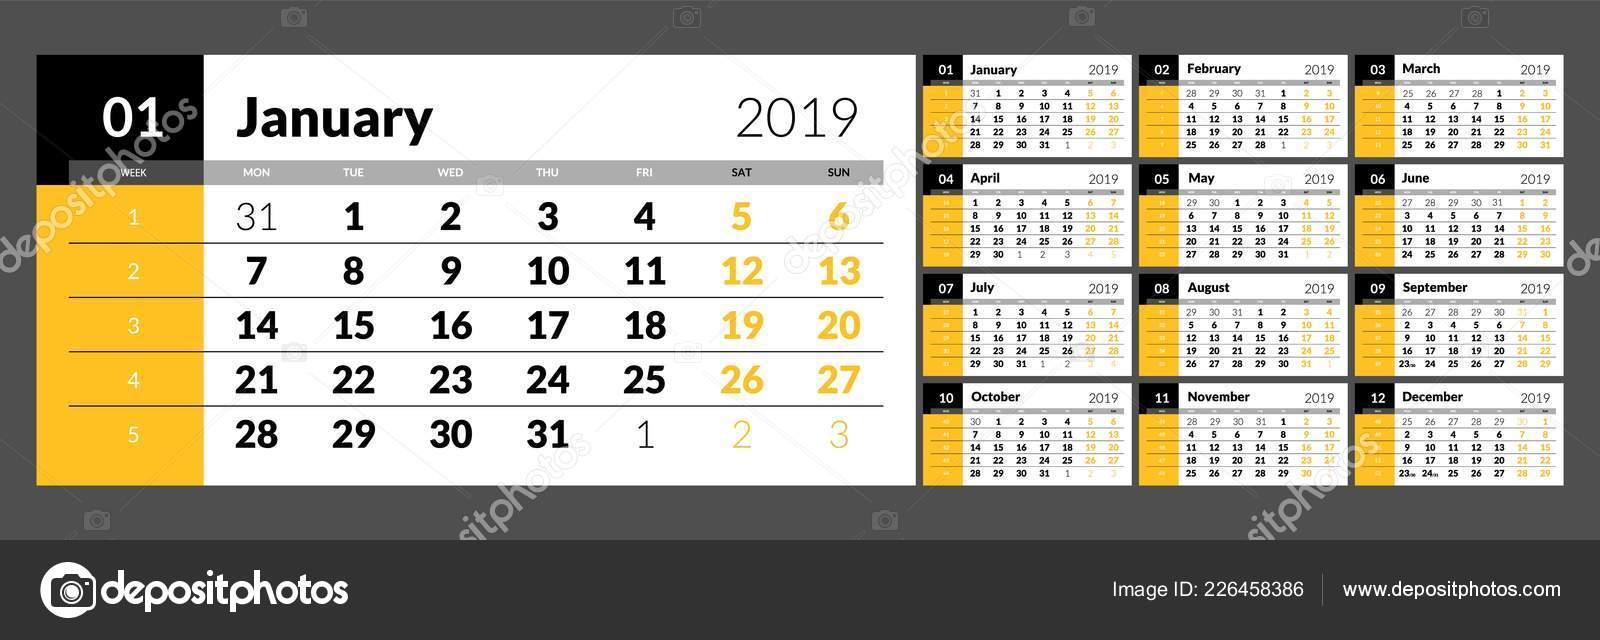 Calendario Numero Settimana 2019.Il Calendario Per Il 2019 Nuovo Anno Stampabile Vettoriali